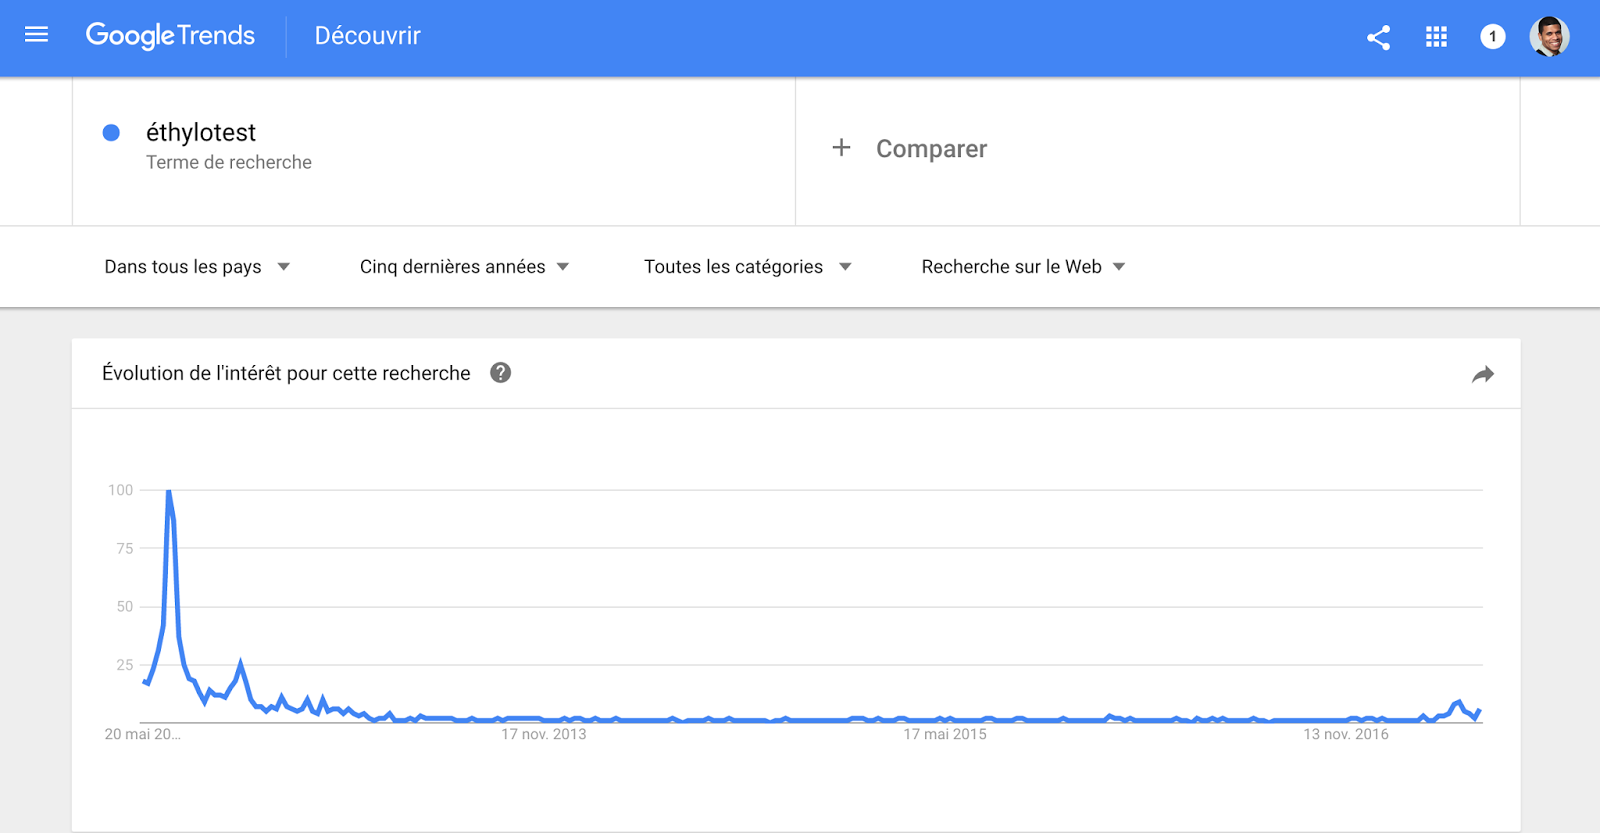 Détecter les produits populaires sur Amazon grâce à Google Trends